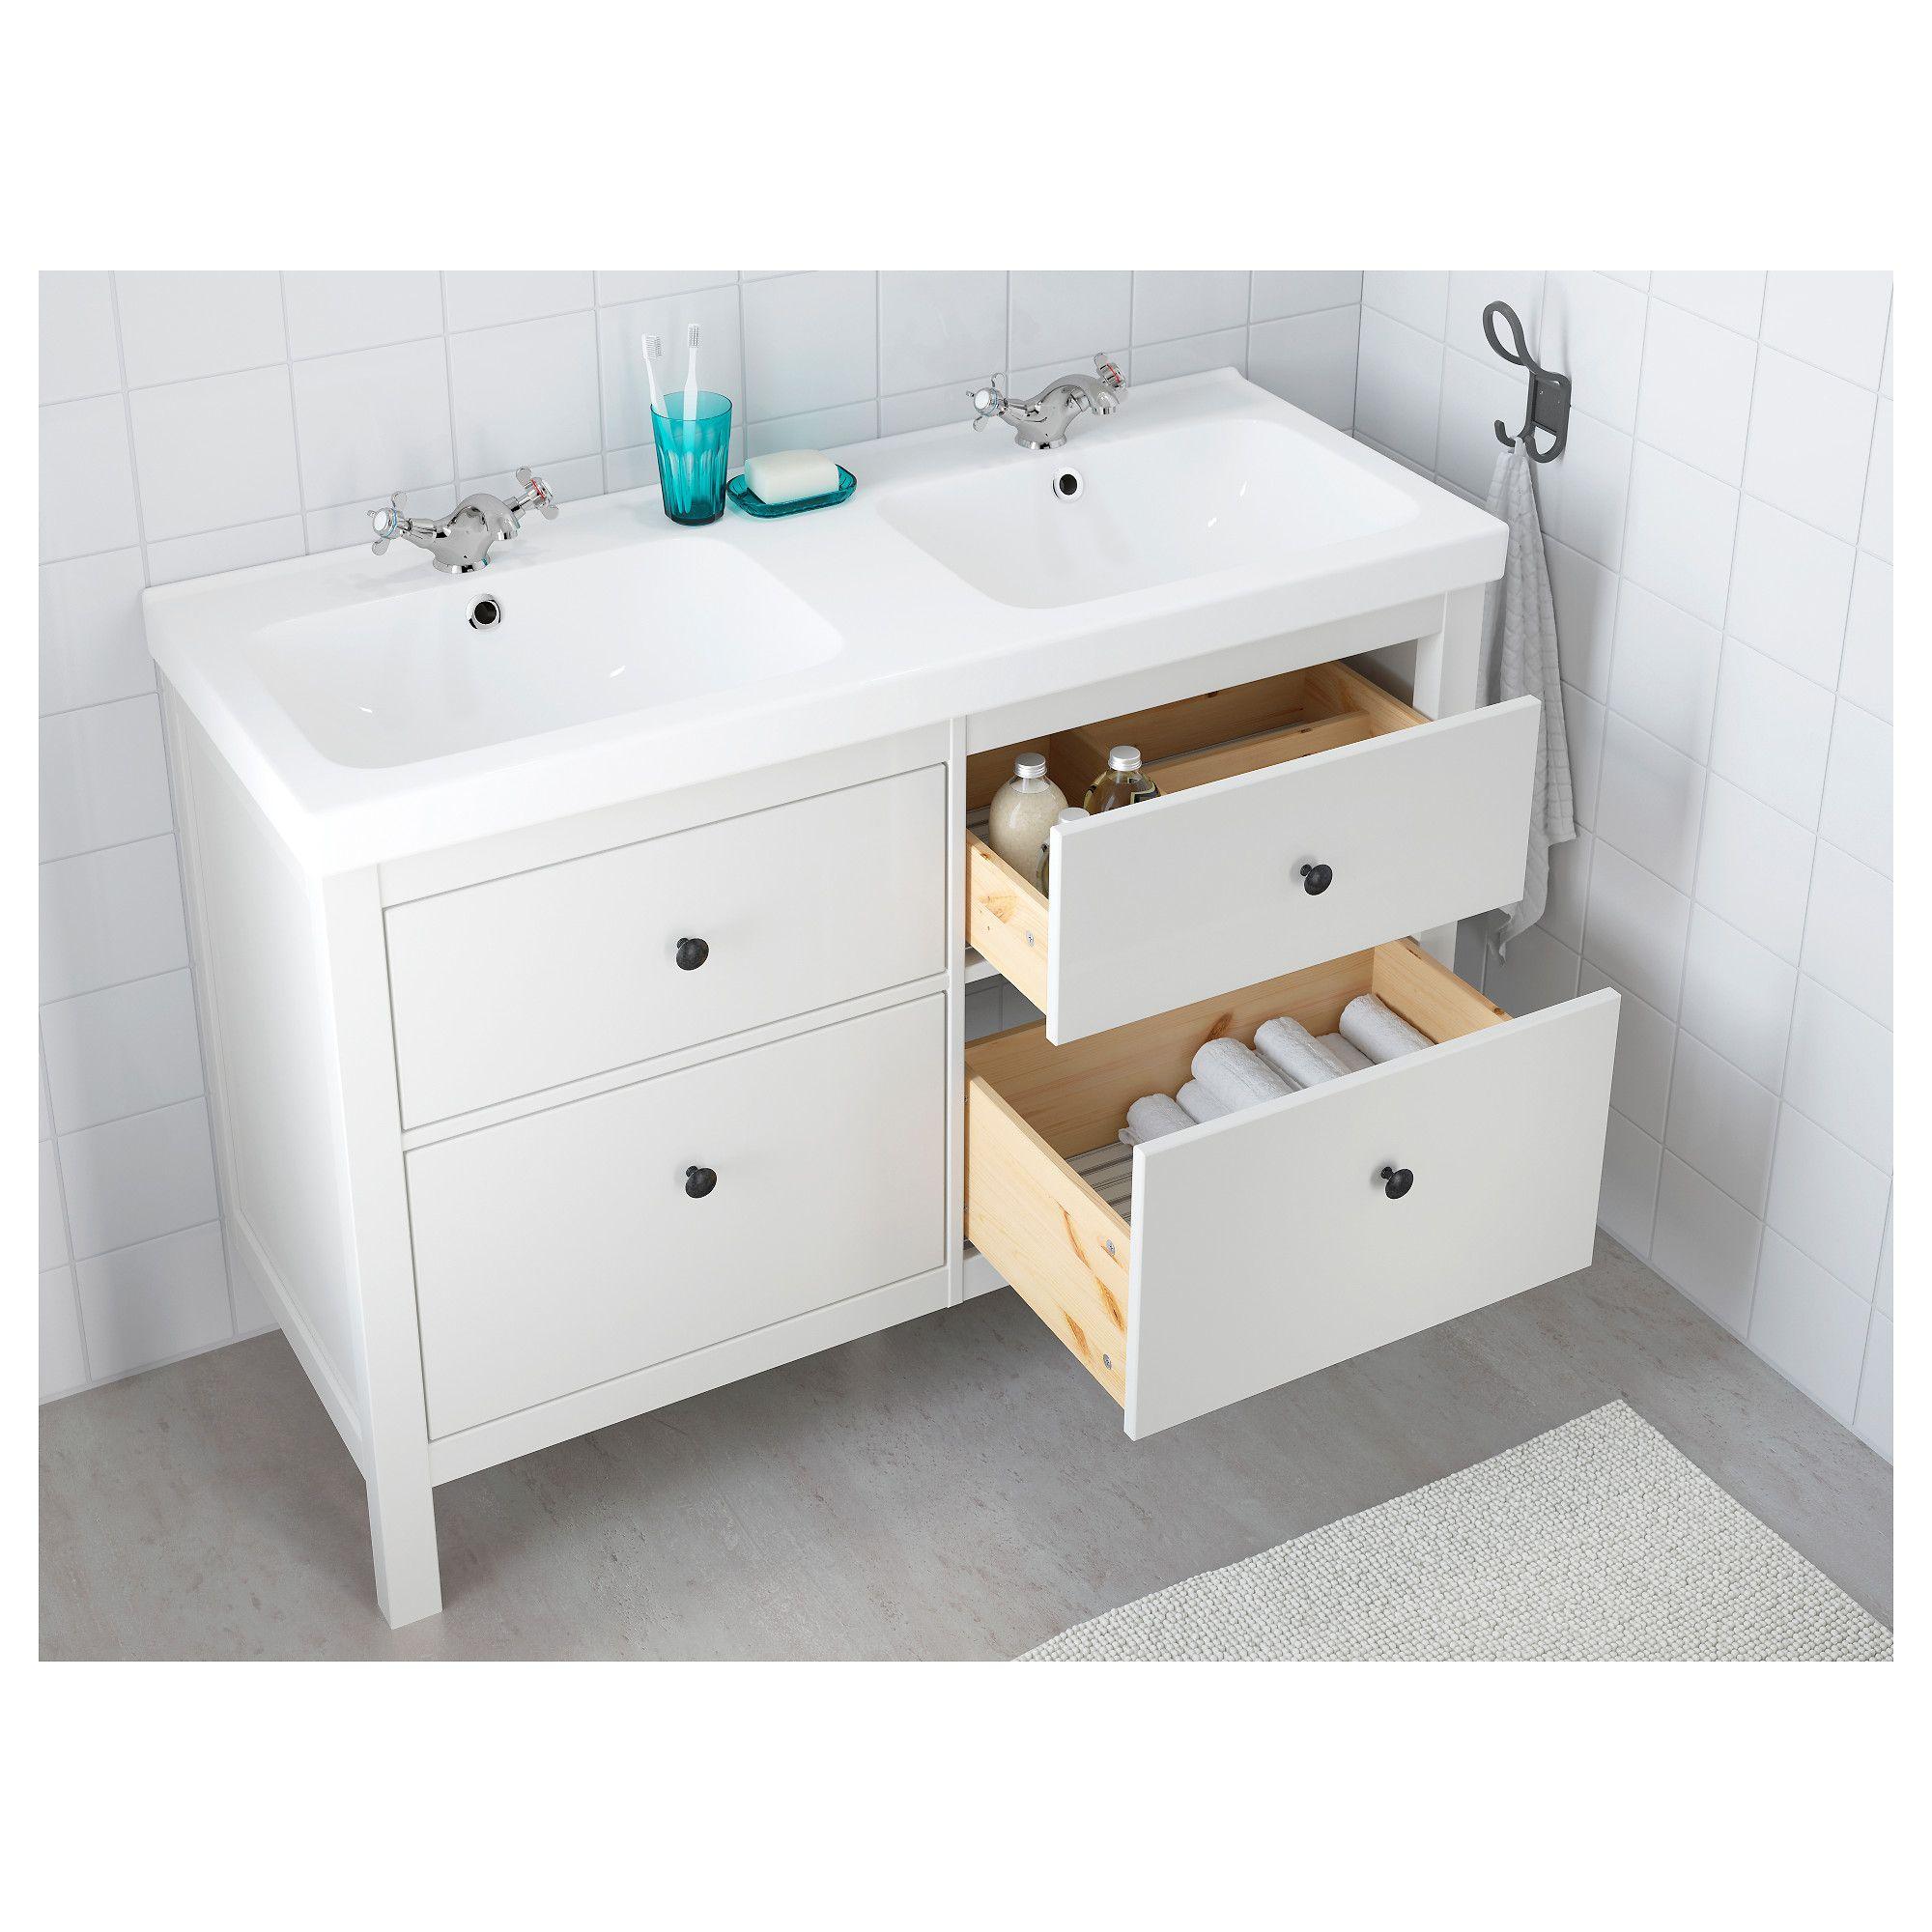 Ikea Bathroom Cabinets Canada